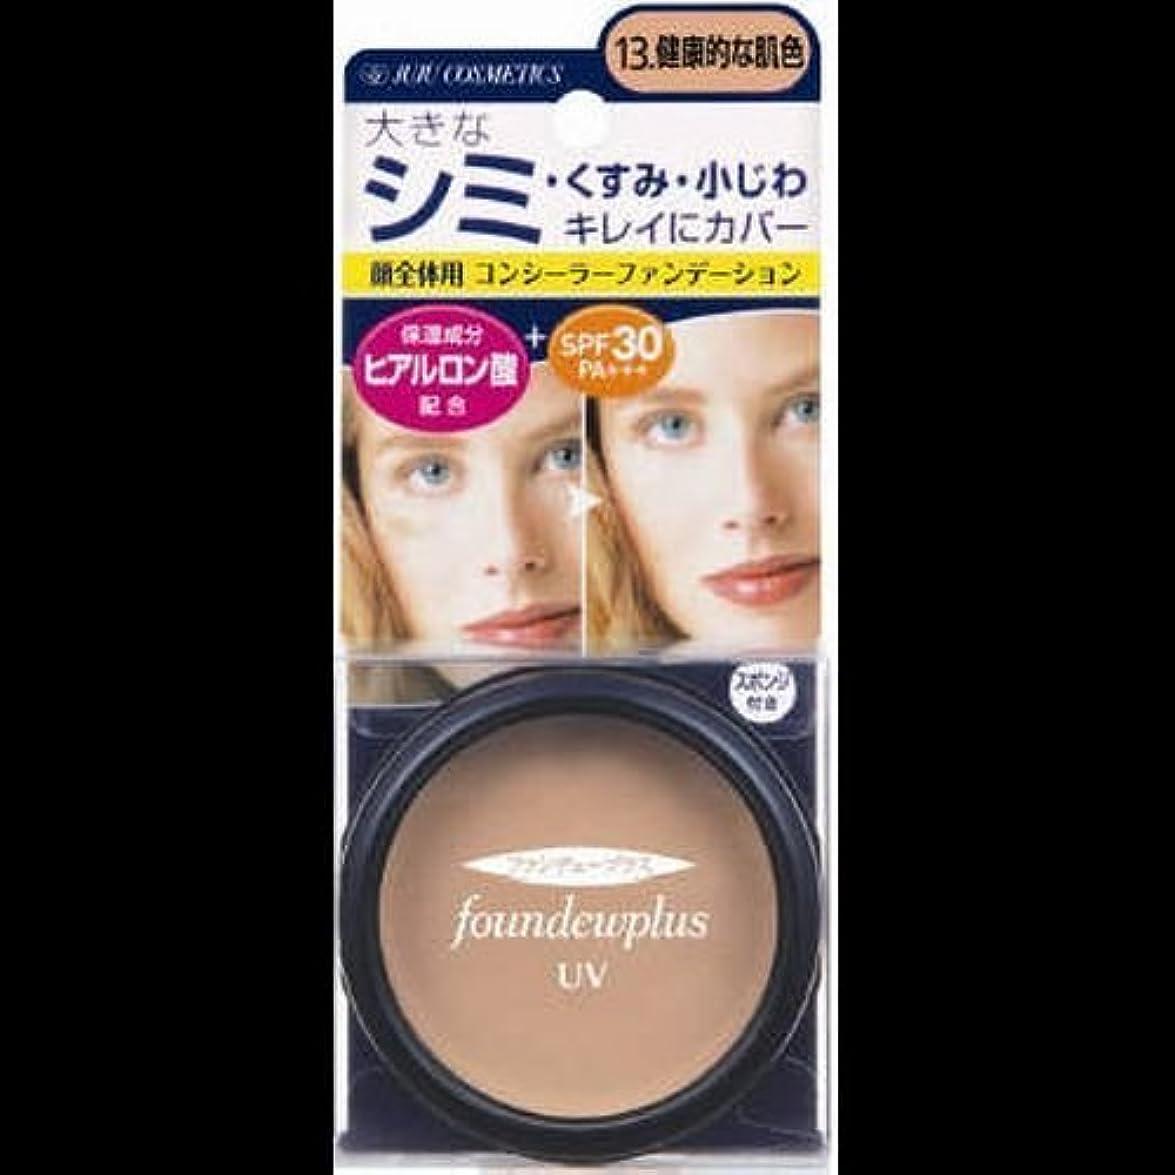 【まとめ買い】ファンデュープラス R UV コンシーラー ファンデーション 13.健康的な 肌色 ×2セット